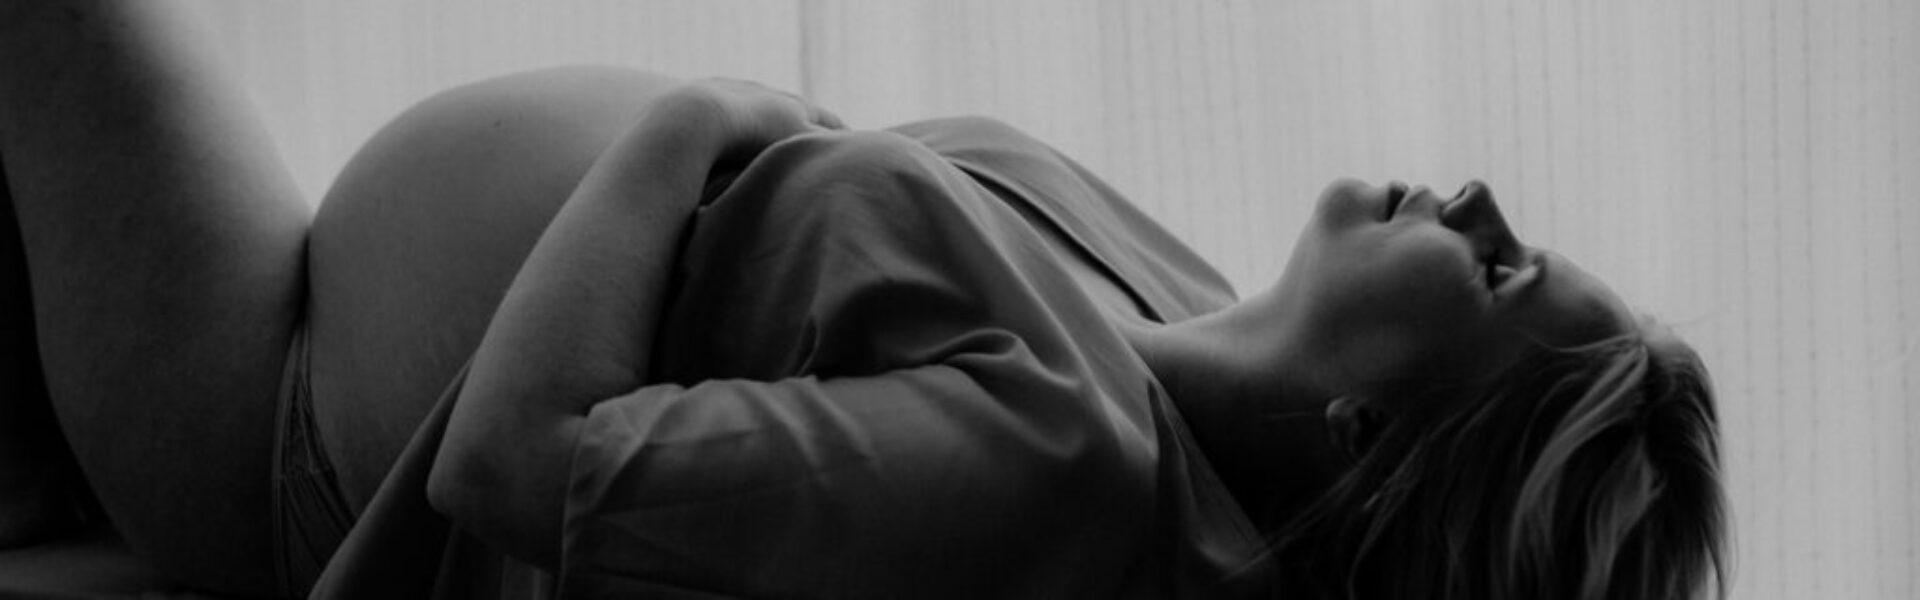 schwarz-weißaufahme - Schwangere liegt auf dem Rücken